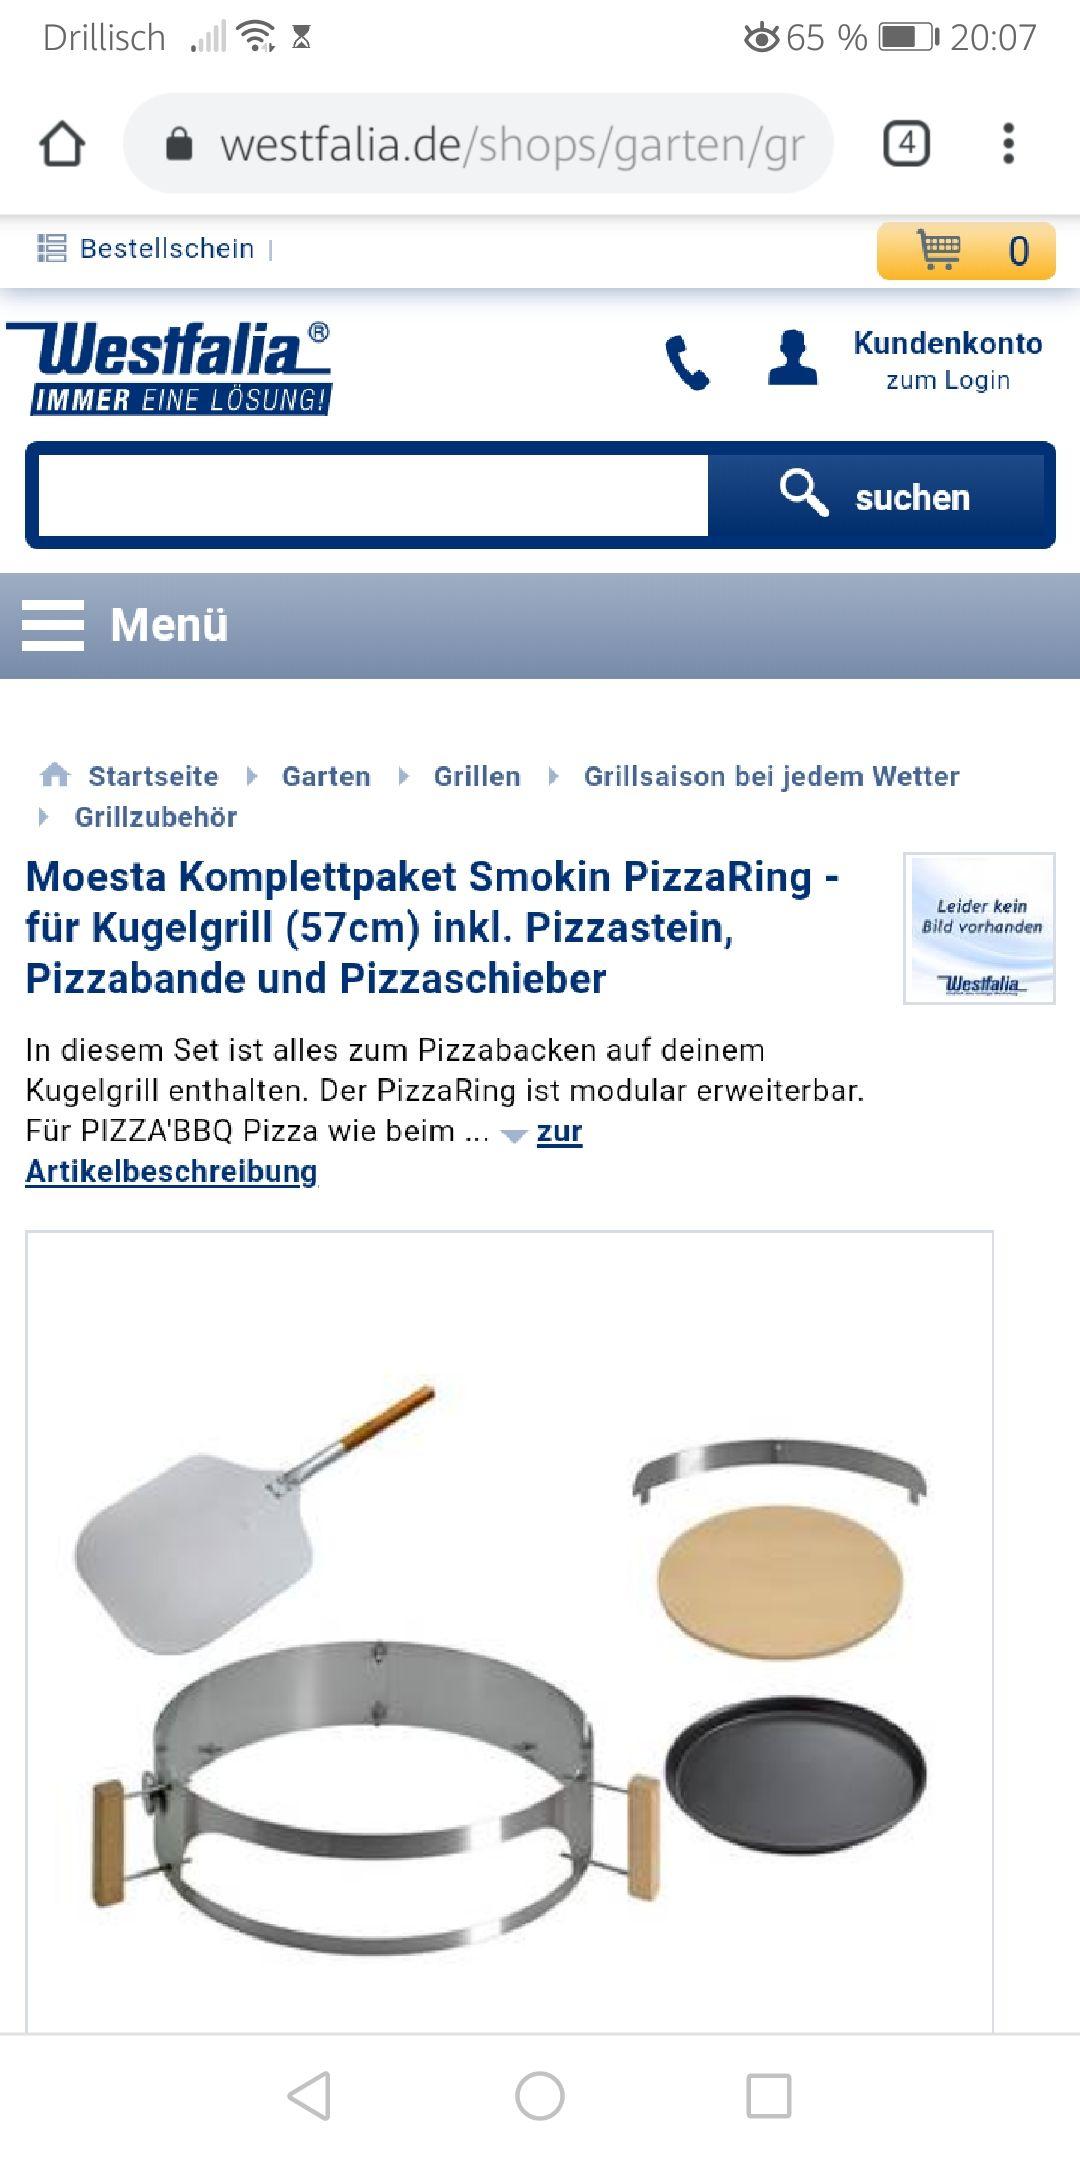 Erweiterung für den Kugelgrill: MoestaKomplettpaket Smokin PizzaRing